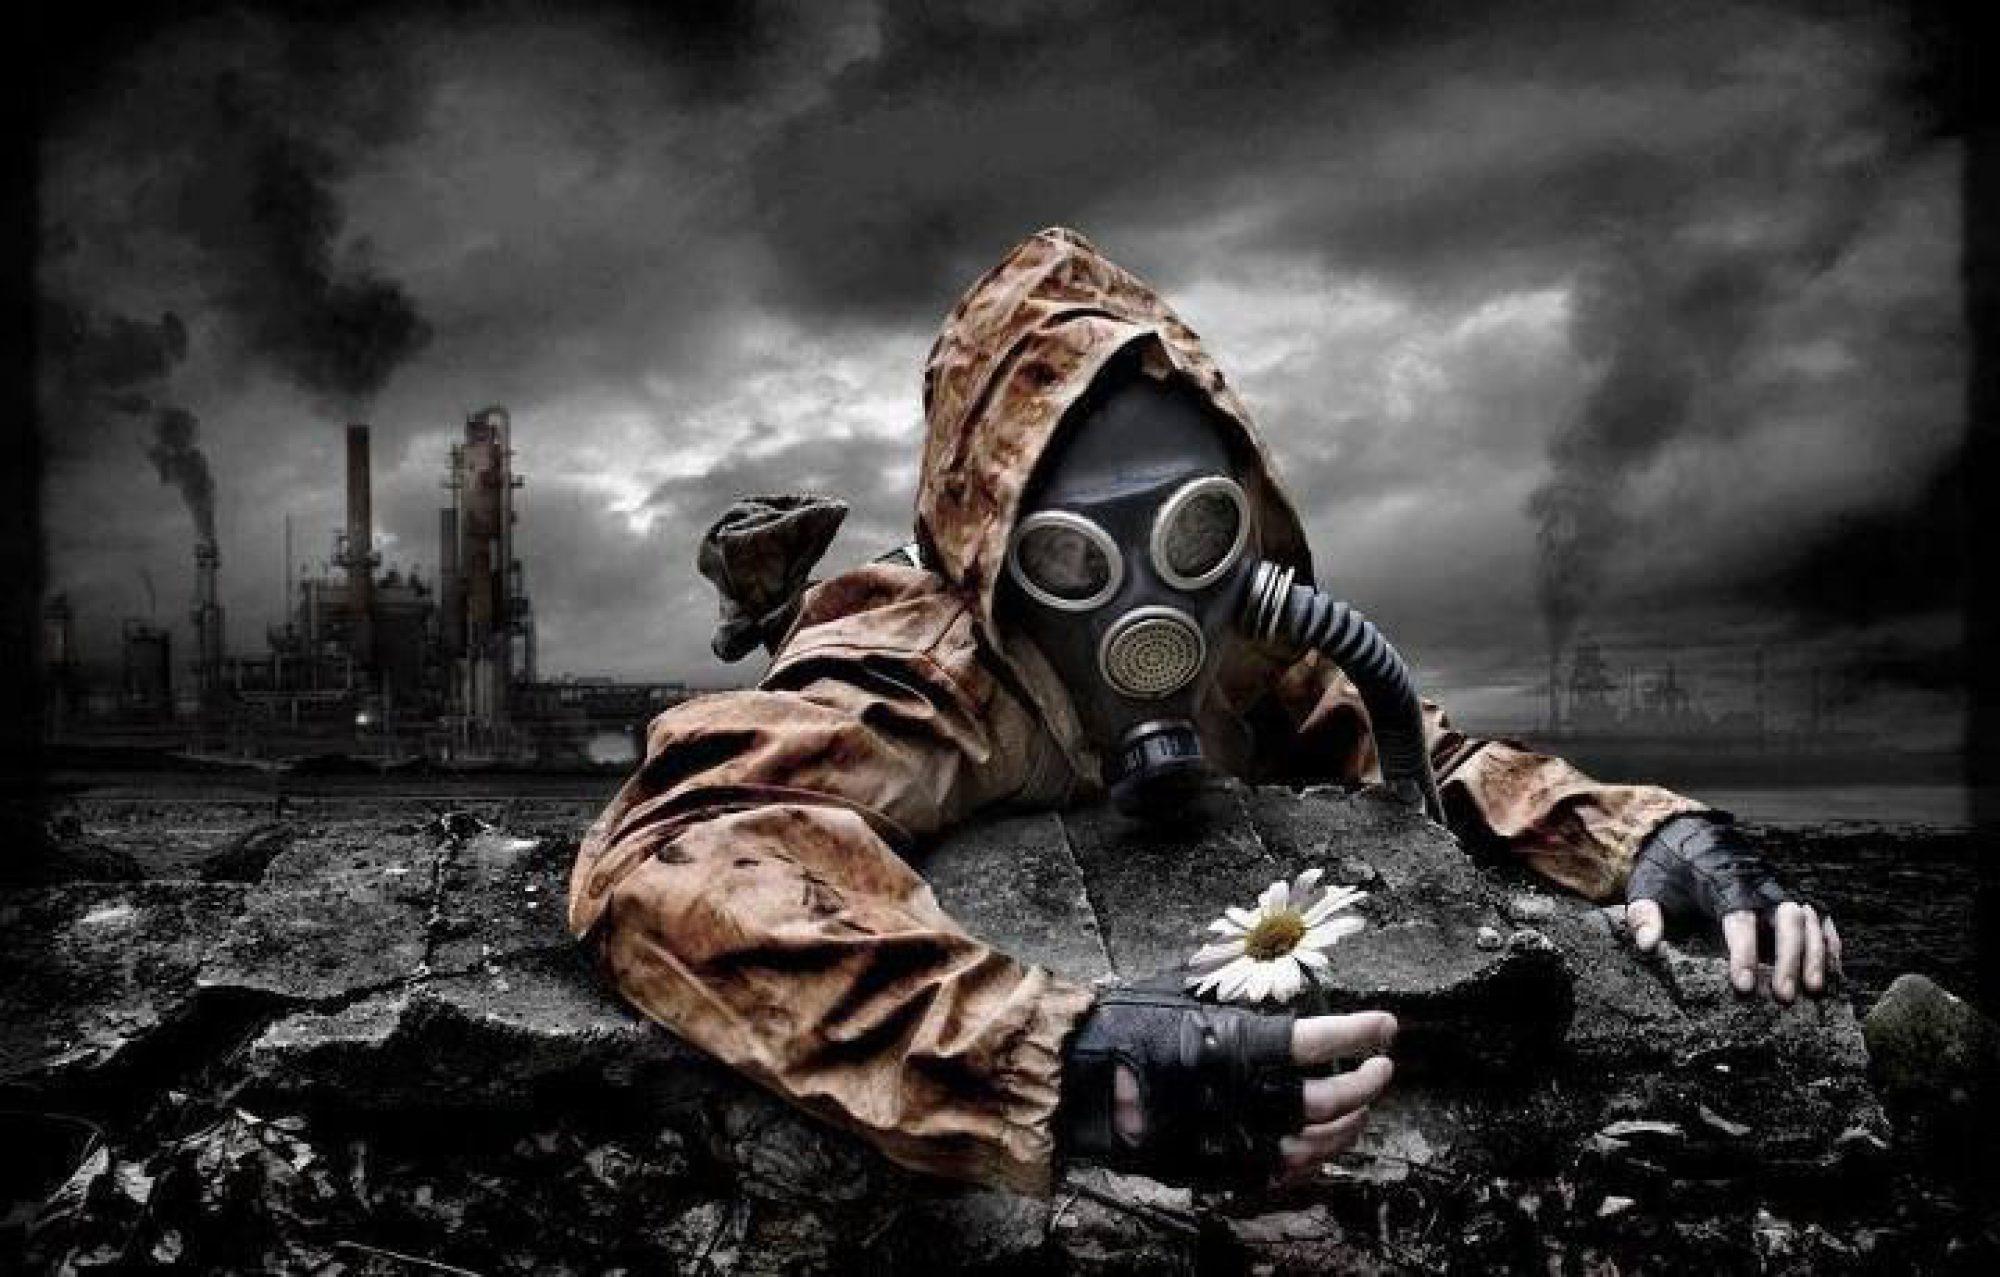 Per Espen Stoken: Los efectos psicológicos del ambientalismo apocalíptico